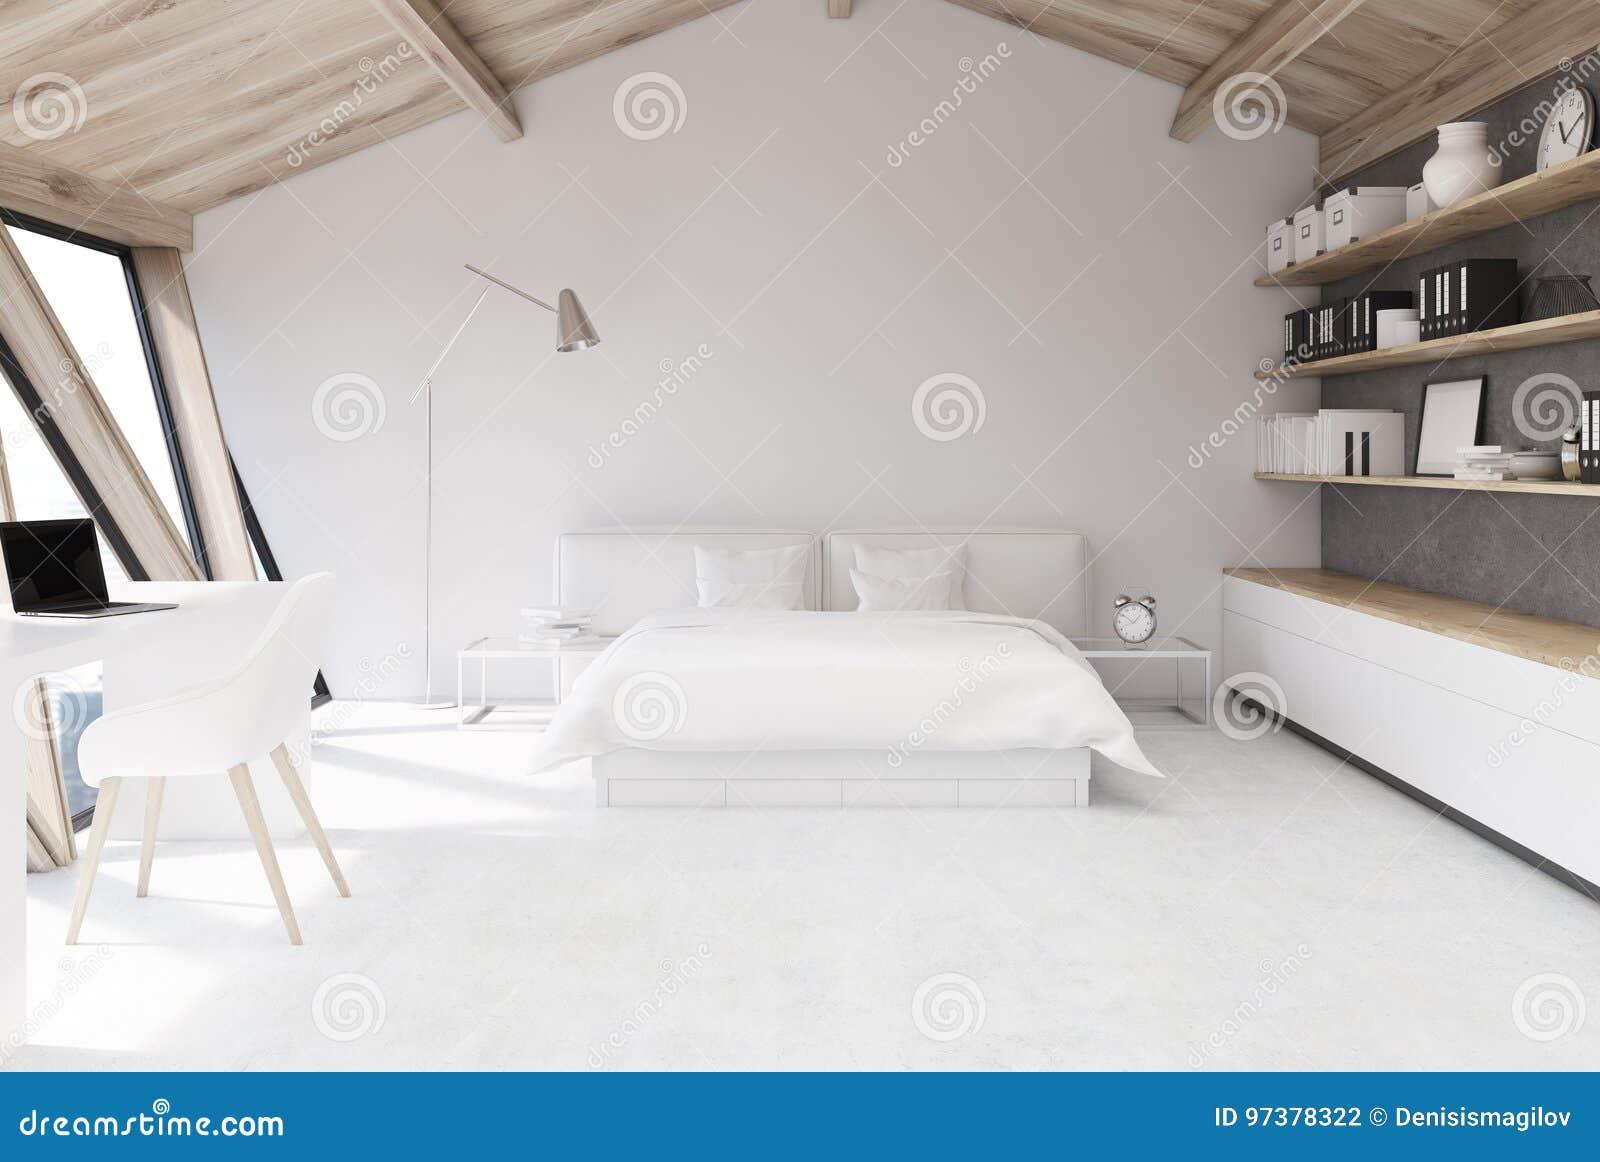 Weißes Schlafzimmer In Einem Dachboden Stock Abbildung ...